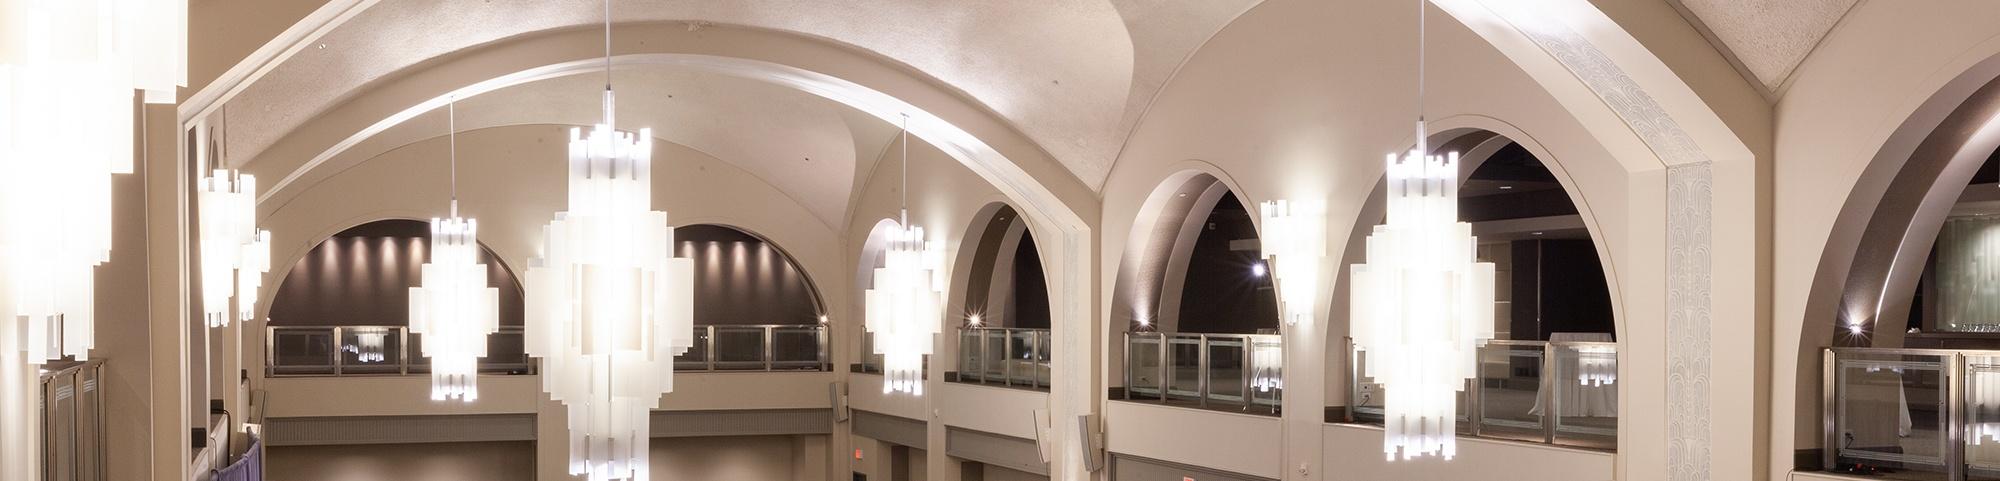 arcadian loft event venue space with big lit chandeliers